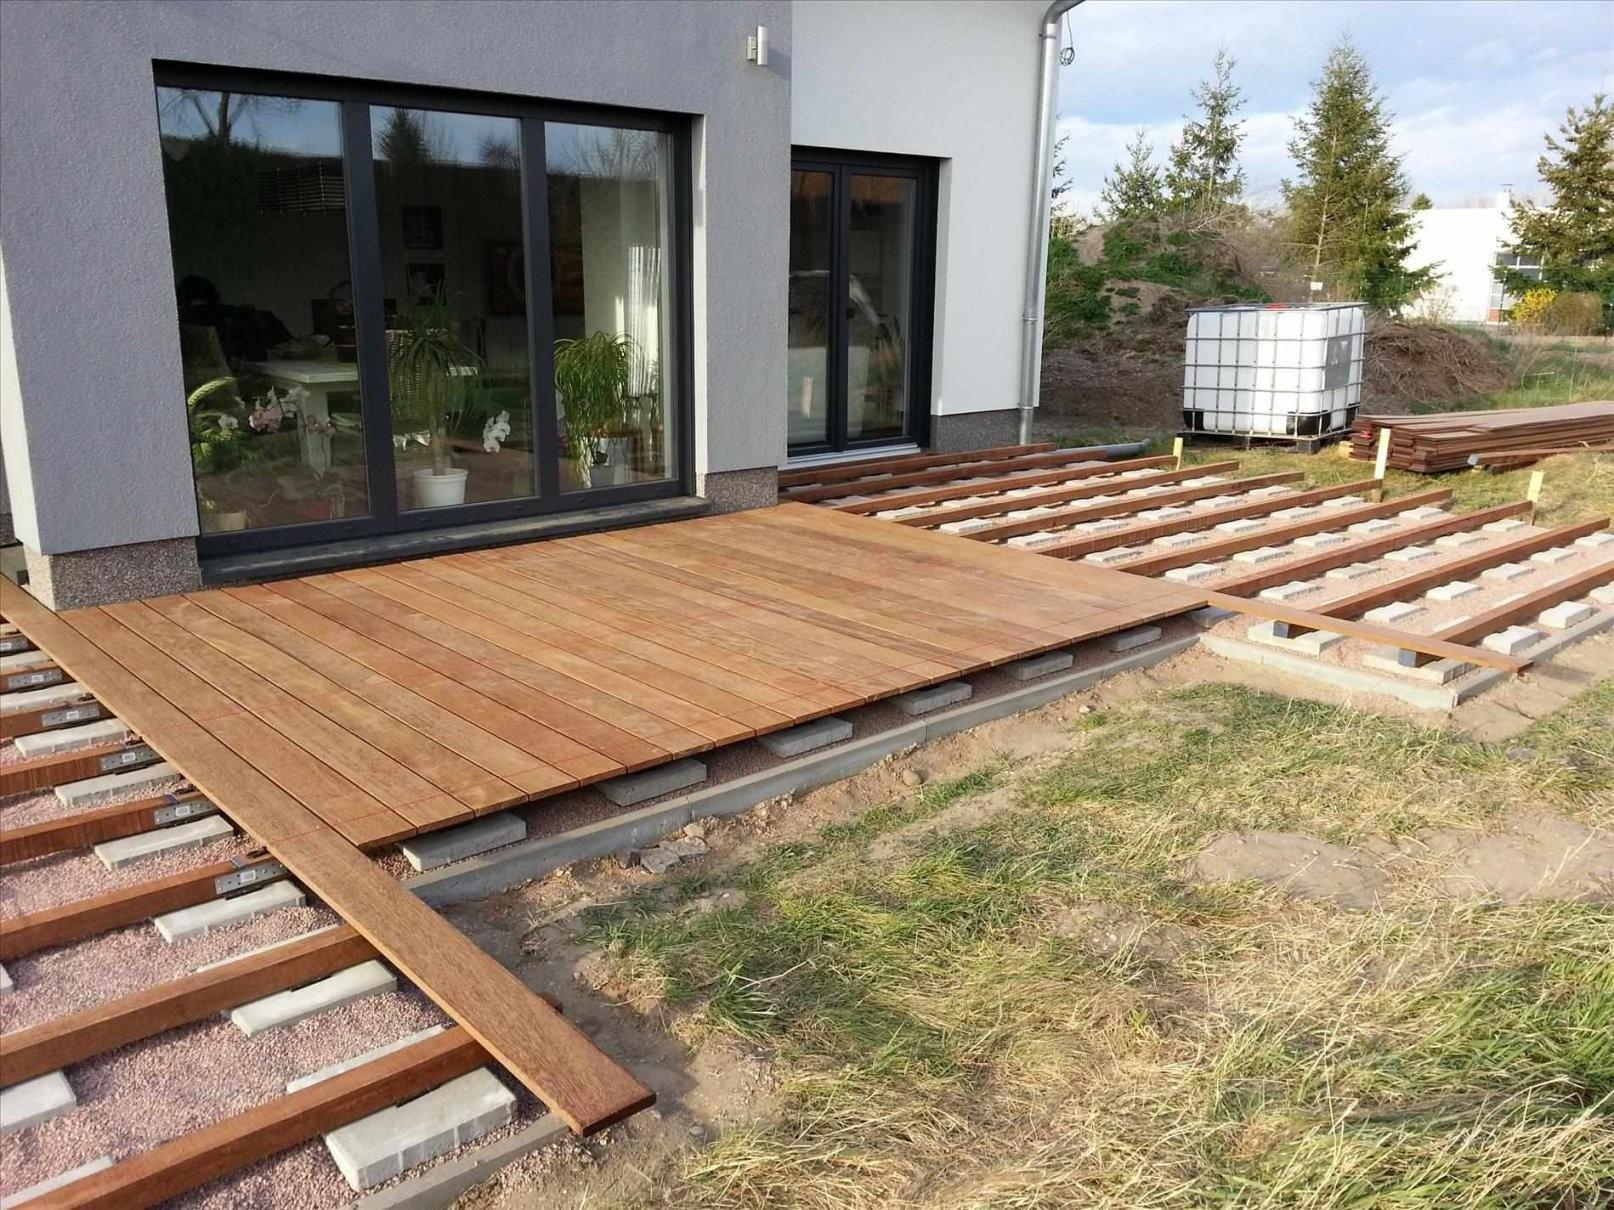 20 Wunderbar Terrasse Seitenwand Selber Bauen Ideen  Vorteiles von Terrasse Seitenwand Selber Bauen Bild